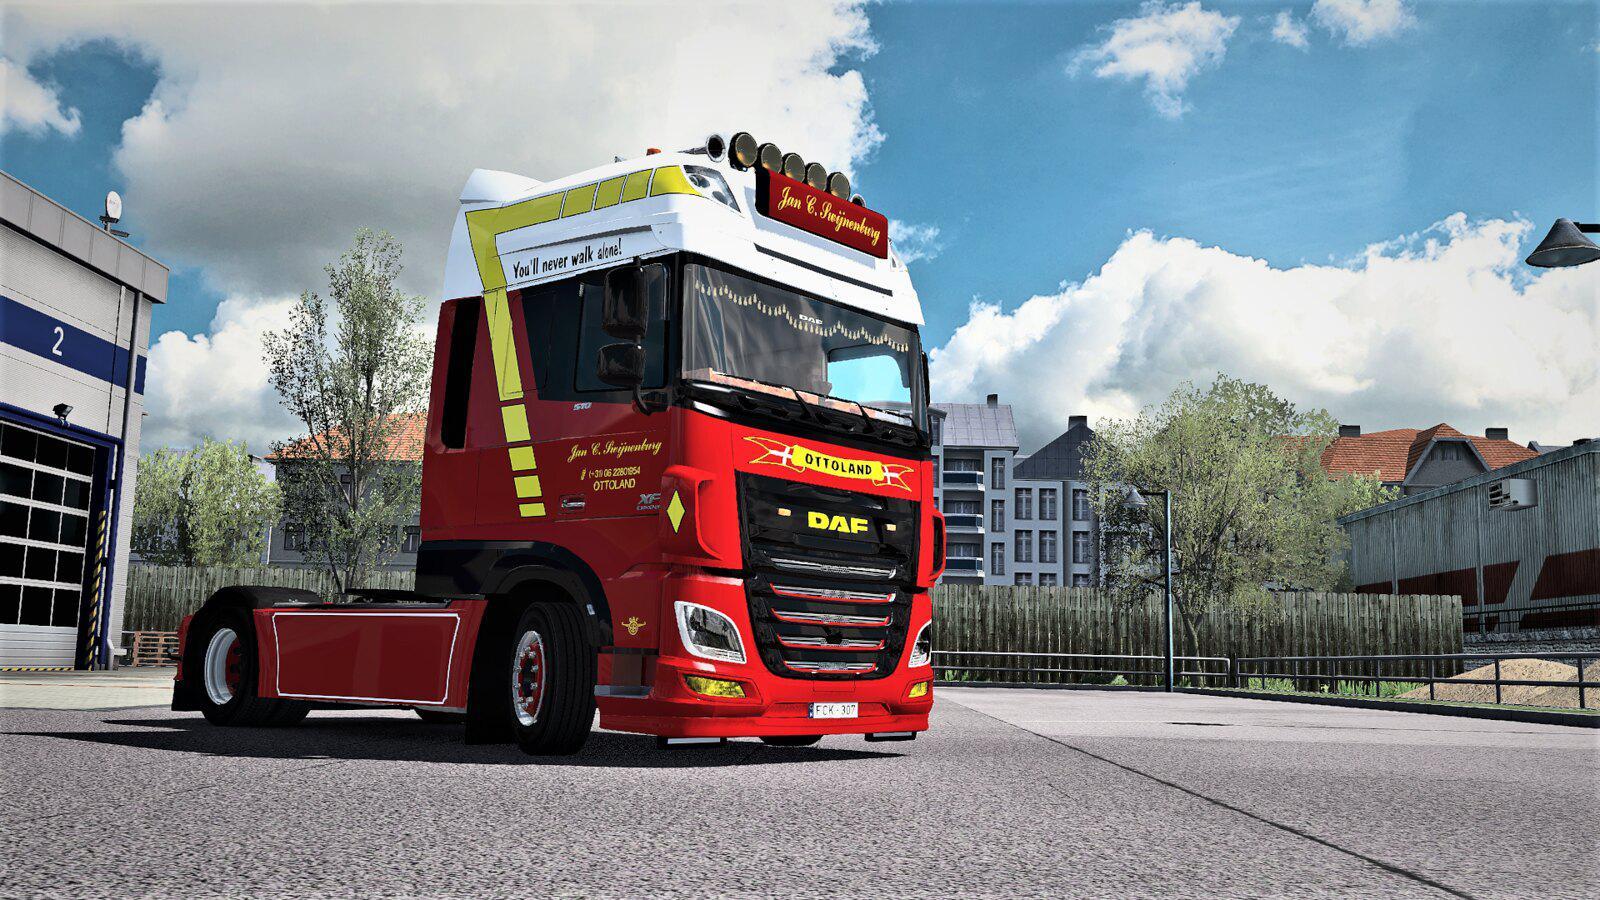 ETS2 - Daf XF Euro 6 Jan C. Swijnenburg Skin V1.0 (1.35.X)